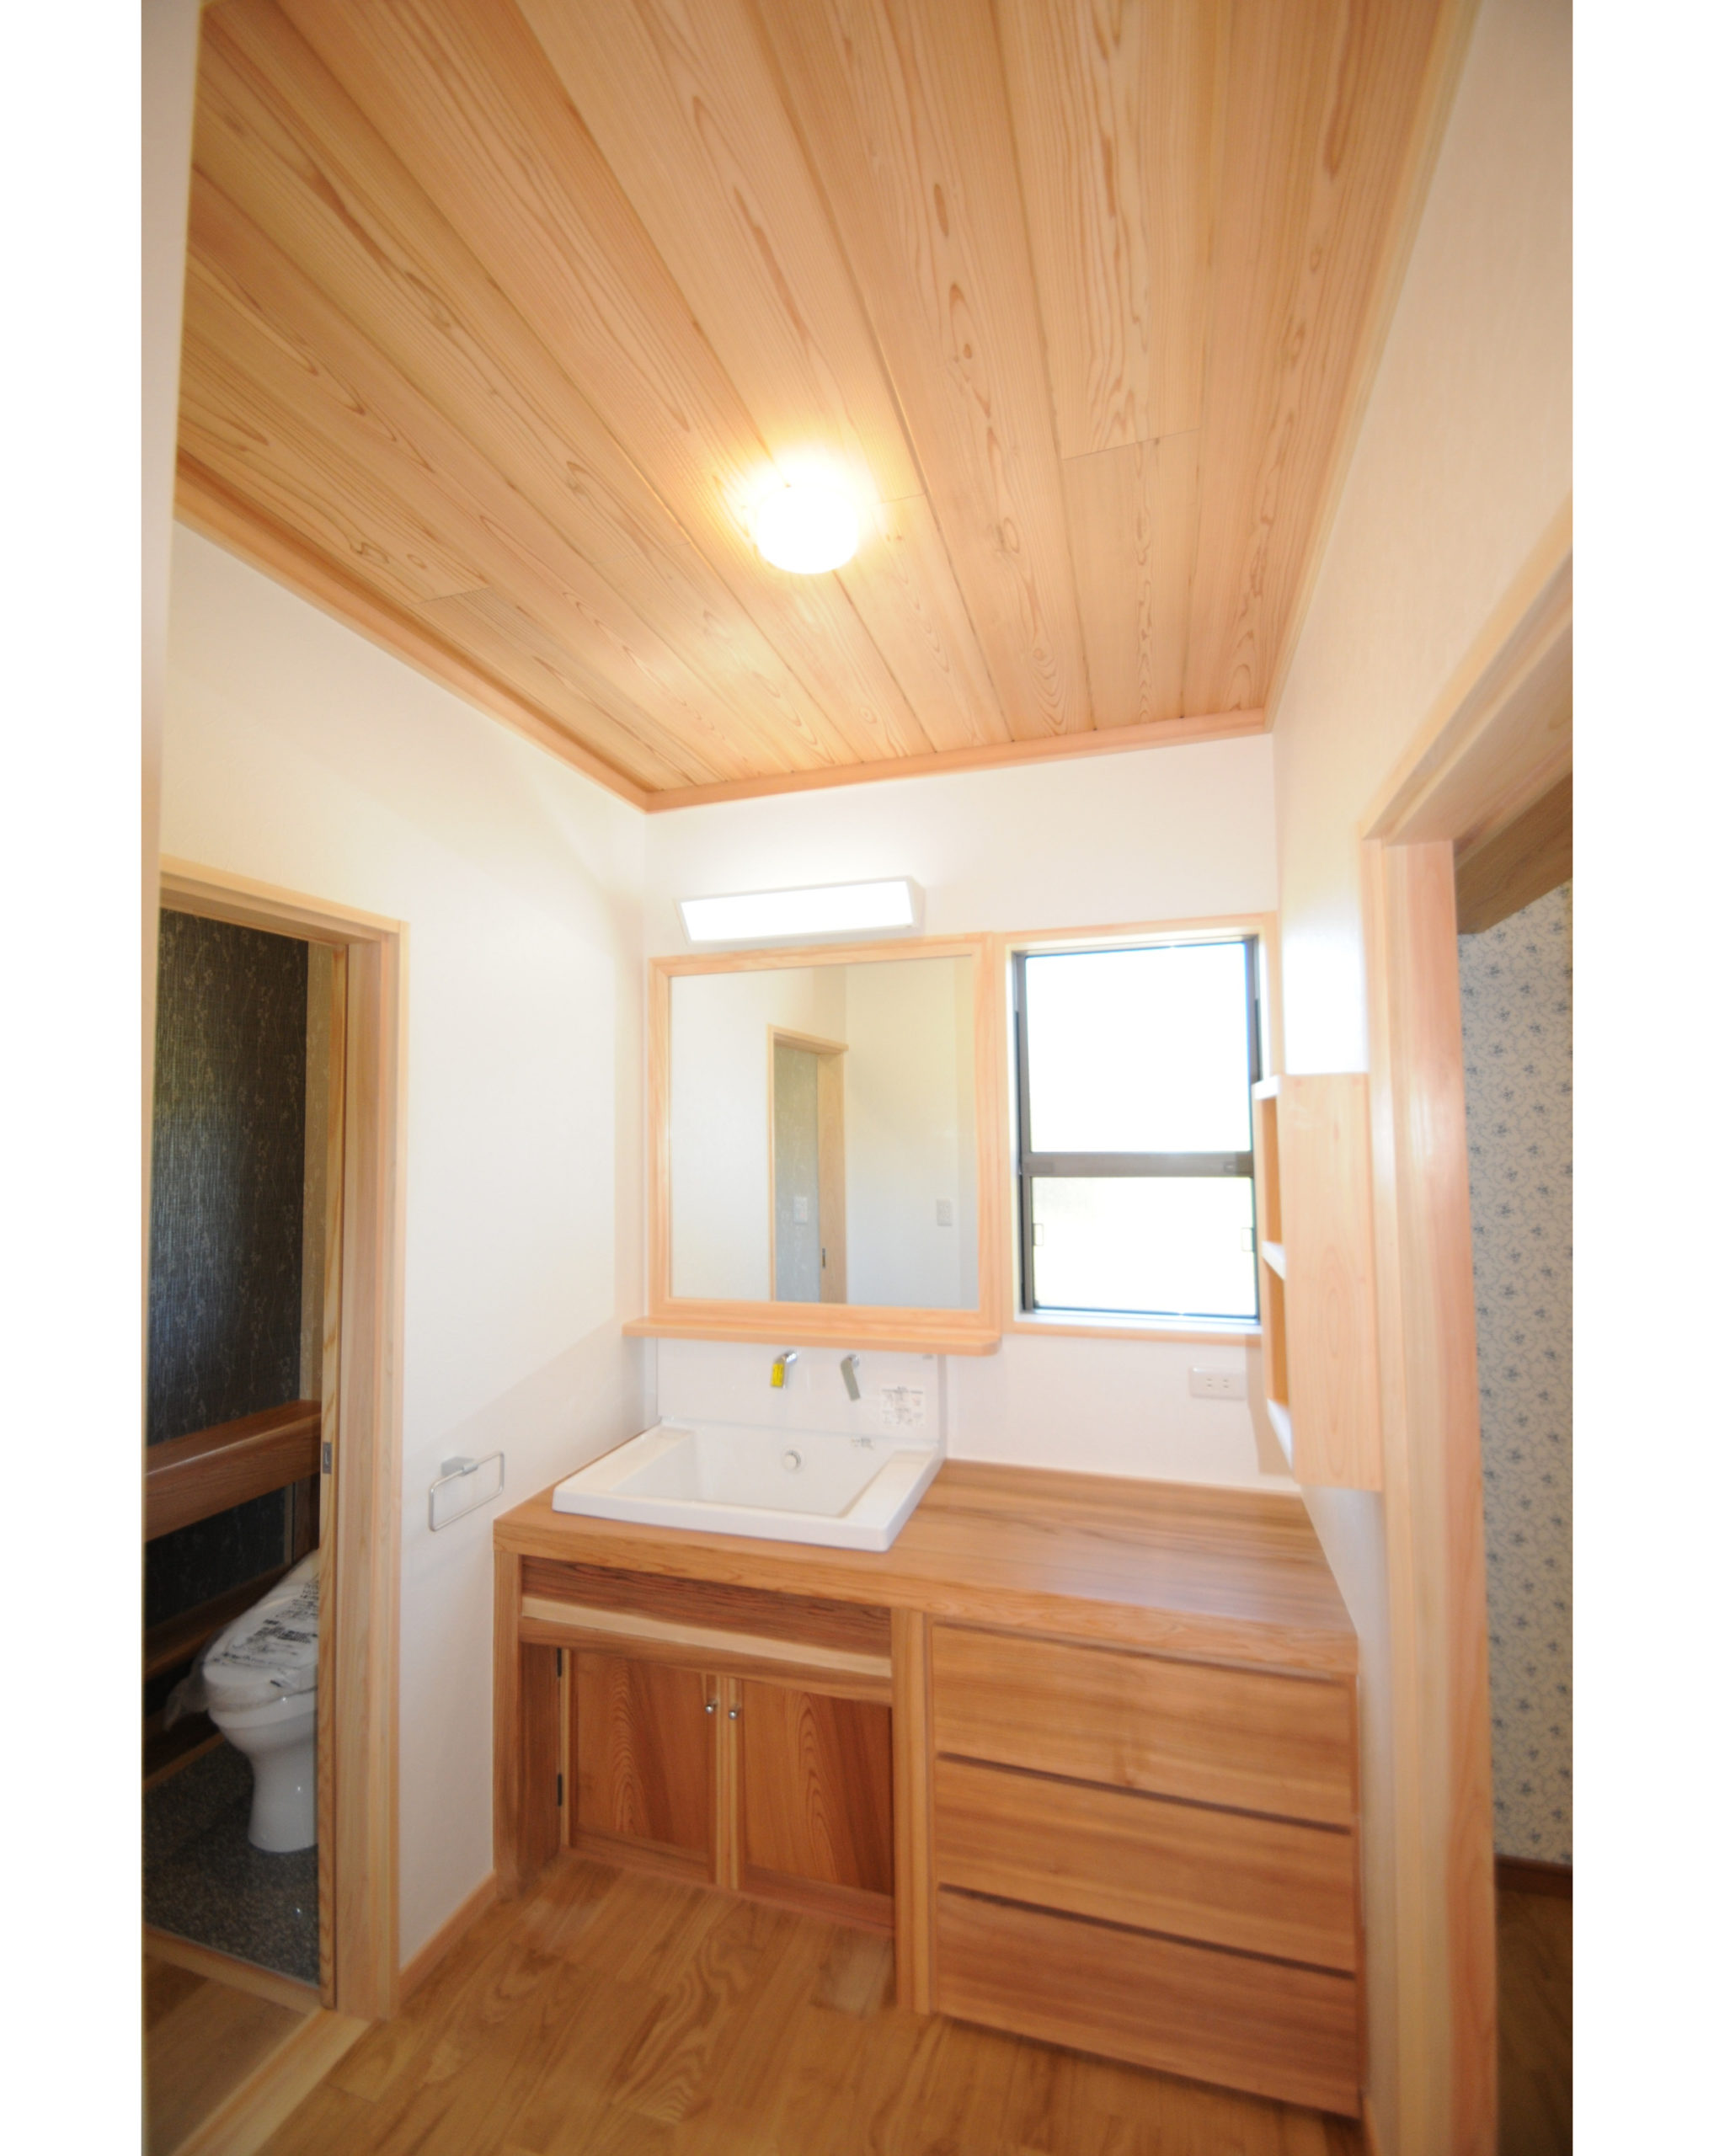 [insta]洗面台は使いやすく造作でする場合・・・ー ー ー ー ー ー ー ー ー ー ー ー ー ー ー高さ・収納・サイズすべてをオーダーできます。手入れなどきちんと把握できればとても愛着のわく洗面台になります。馬場住宅株式会社長崎県大村市中里町418-14TEL 0957-54-3324メール info@babajuutaku.com@babajuutaku#babajuutakuホームページ【馬場住宅 】で 検索HPにも施工例あります。私たち#馬場住宅 は#長崎県 #大村市 の#工務店 です。施工エリアは長崎県内全域にて#新築 #注文住宅 #一戸建て を中心に建ててます。みなさんの夢の#マイホーム を造っている会社です。最近では#リノベーション #リフォーム#古民家再生 #二世帯住宅 #平屋 の依頼を多く頂いています。馬場住宅が建てる家#社員大工 が造る3つのスタイルで建てています。#和洋折衷#優しい家 #安らぐ家#現代和風#現し #無骨 #板張り #無垢#純和風#和室 #床の間 #磨き丸太#zeh #長期優良住宅=================馬場住宅の家づくり小さな工務店ですが、大工20名は全員社員として在籍技術には定評があり木の家専門の大工工務店として地元に根強い会社です。性能と自然素材で安心安全と信頼の住まいをつくります。資料請求はインスタ又はHP内の「お問合せ」からどうぞ@babajuutakuホームページは【馬場住宅 】で 検索